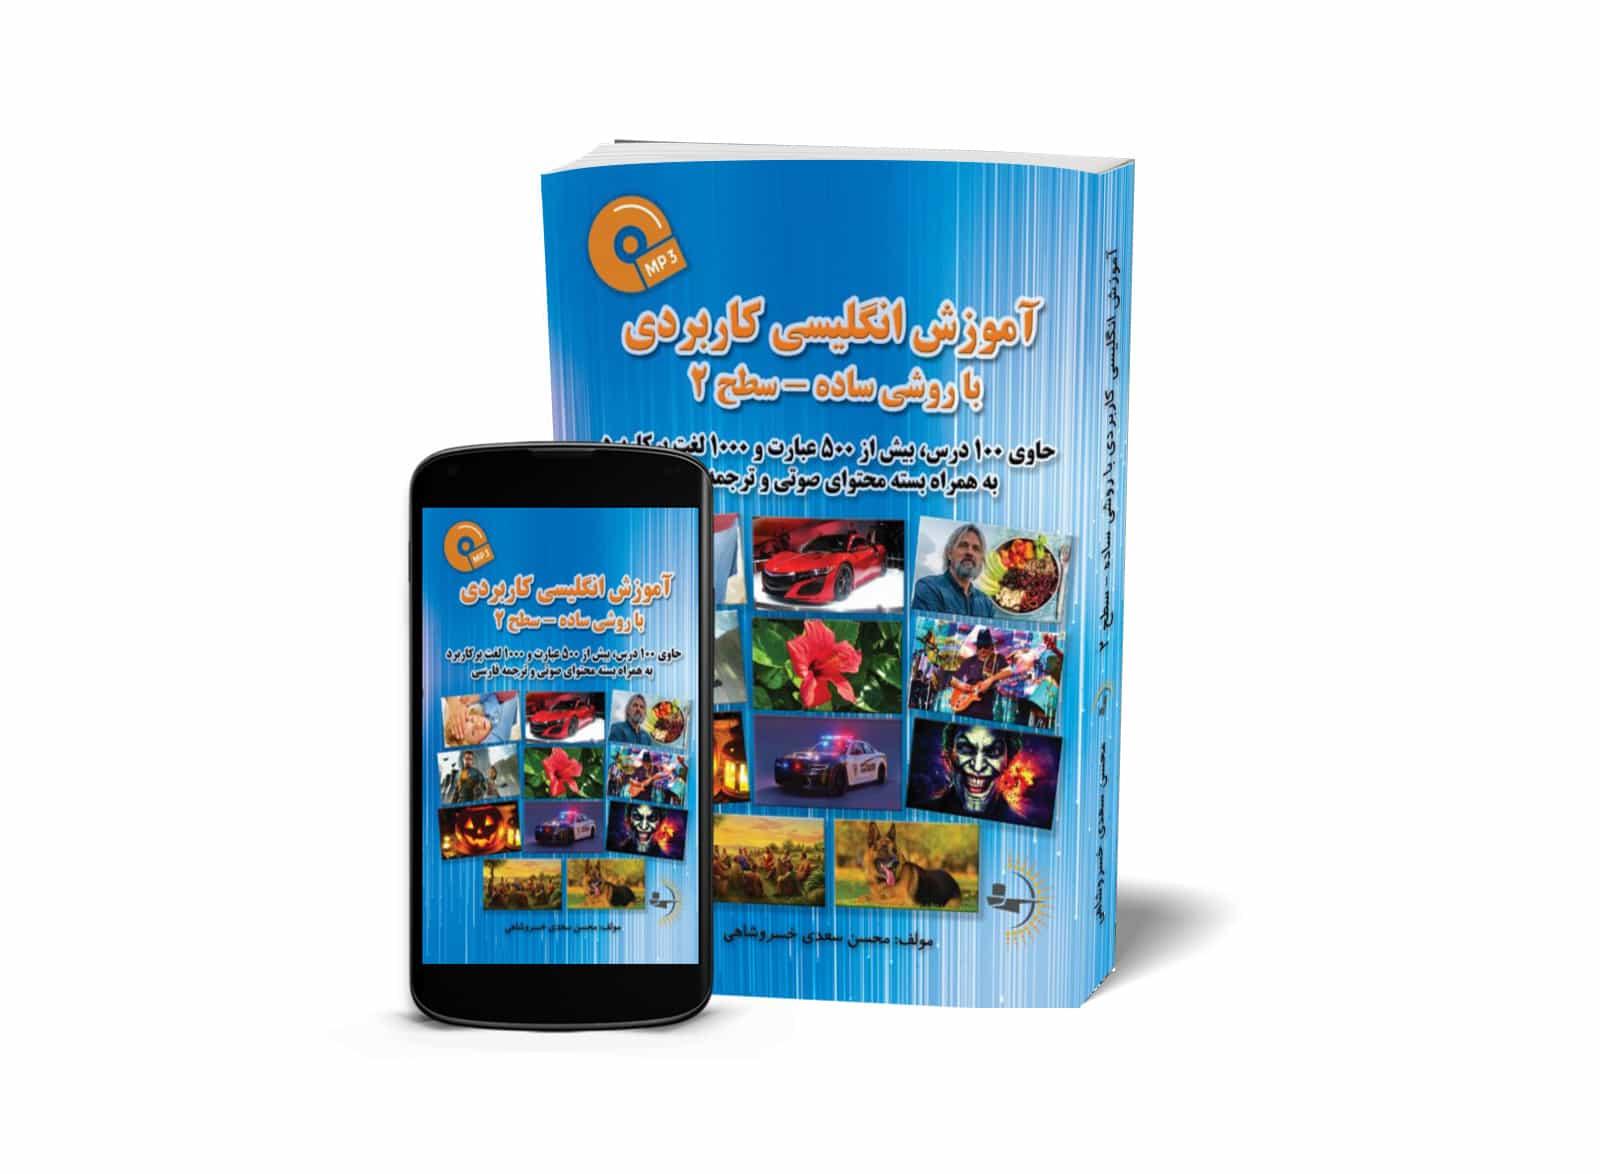 کتاب آموزش انگلیسی یادگیری زبان مهارت مکالمه لغات پرکاربرد